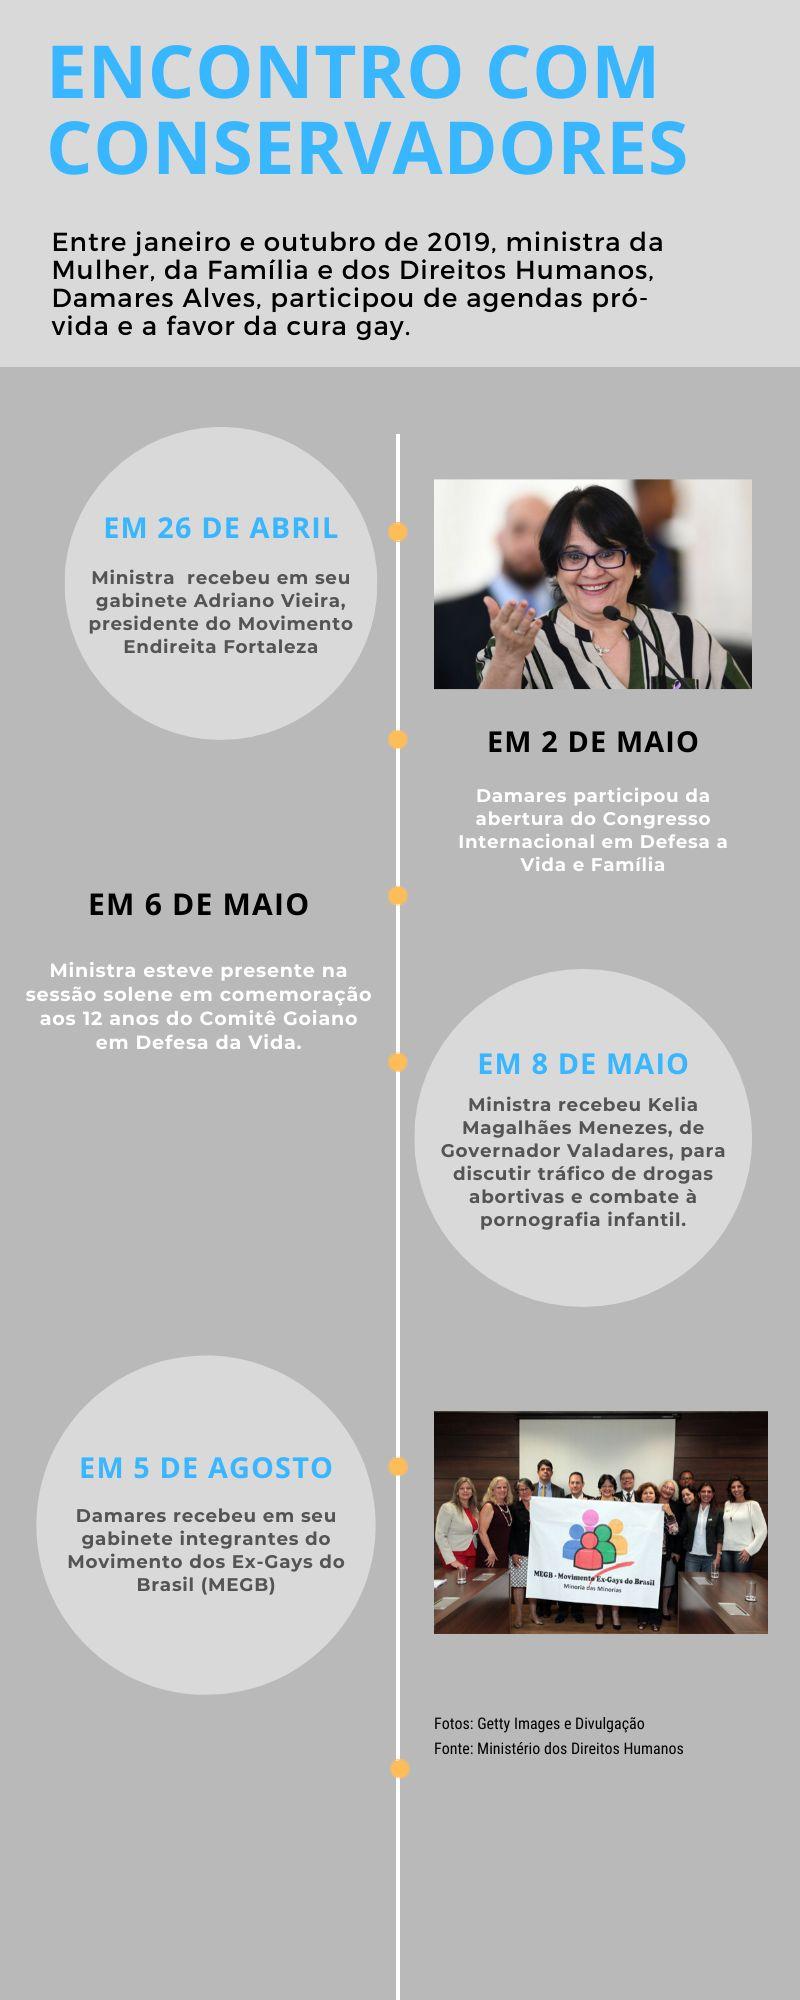 Reuniões com religiosos e conservadores marcam agenda de Damares Alves no Ministério de Direitos